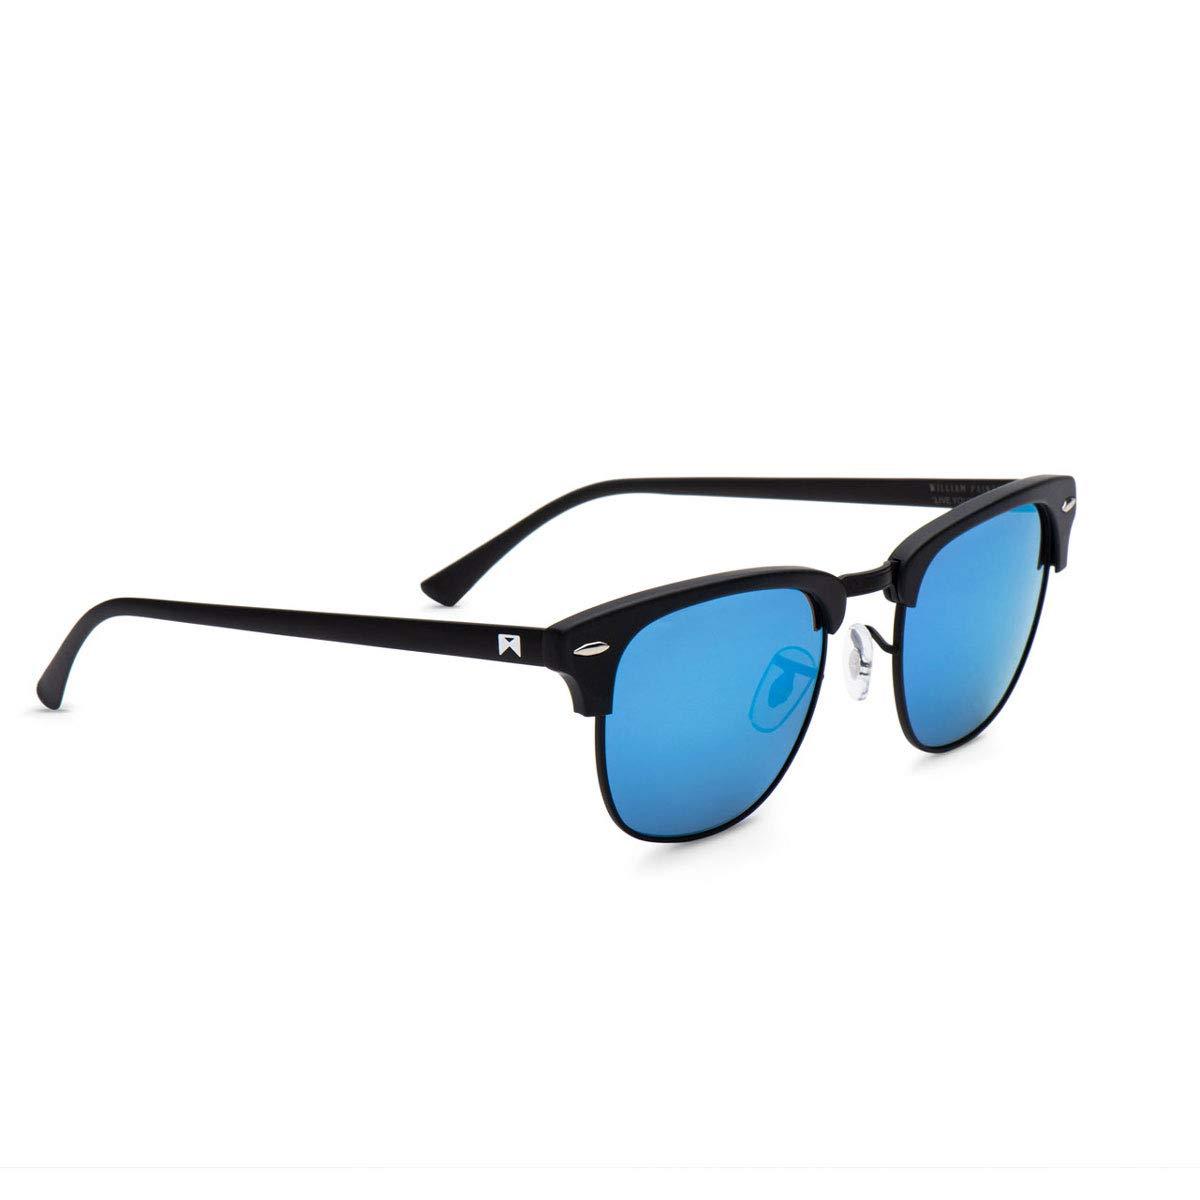 William Painter- The Empire Polarized 'Signature' Sunglasses (Black & Blue)